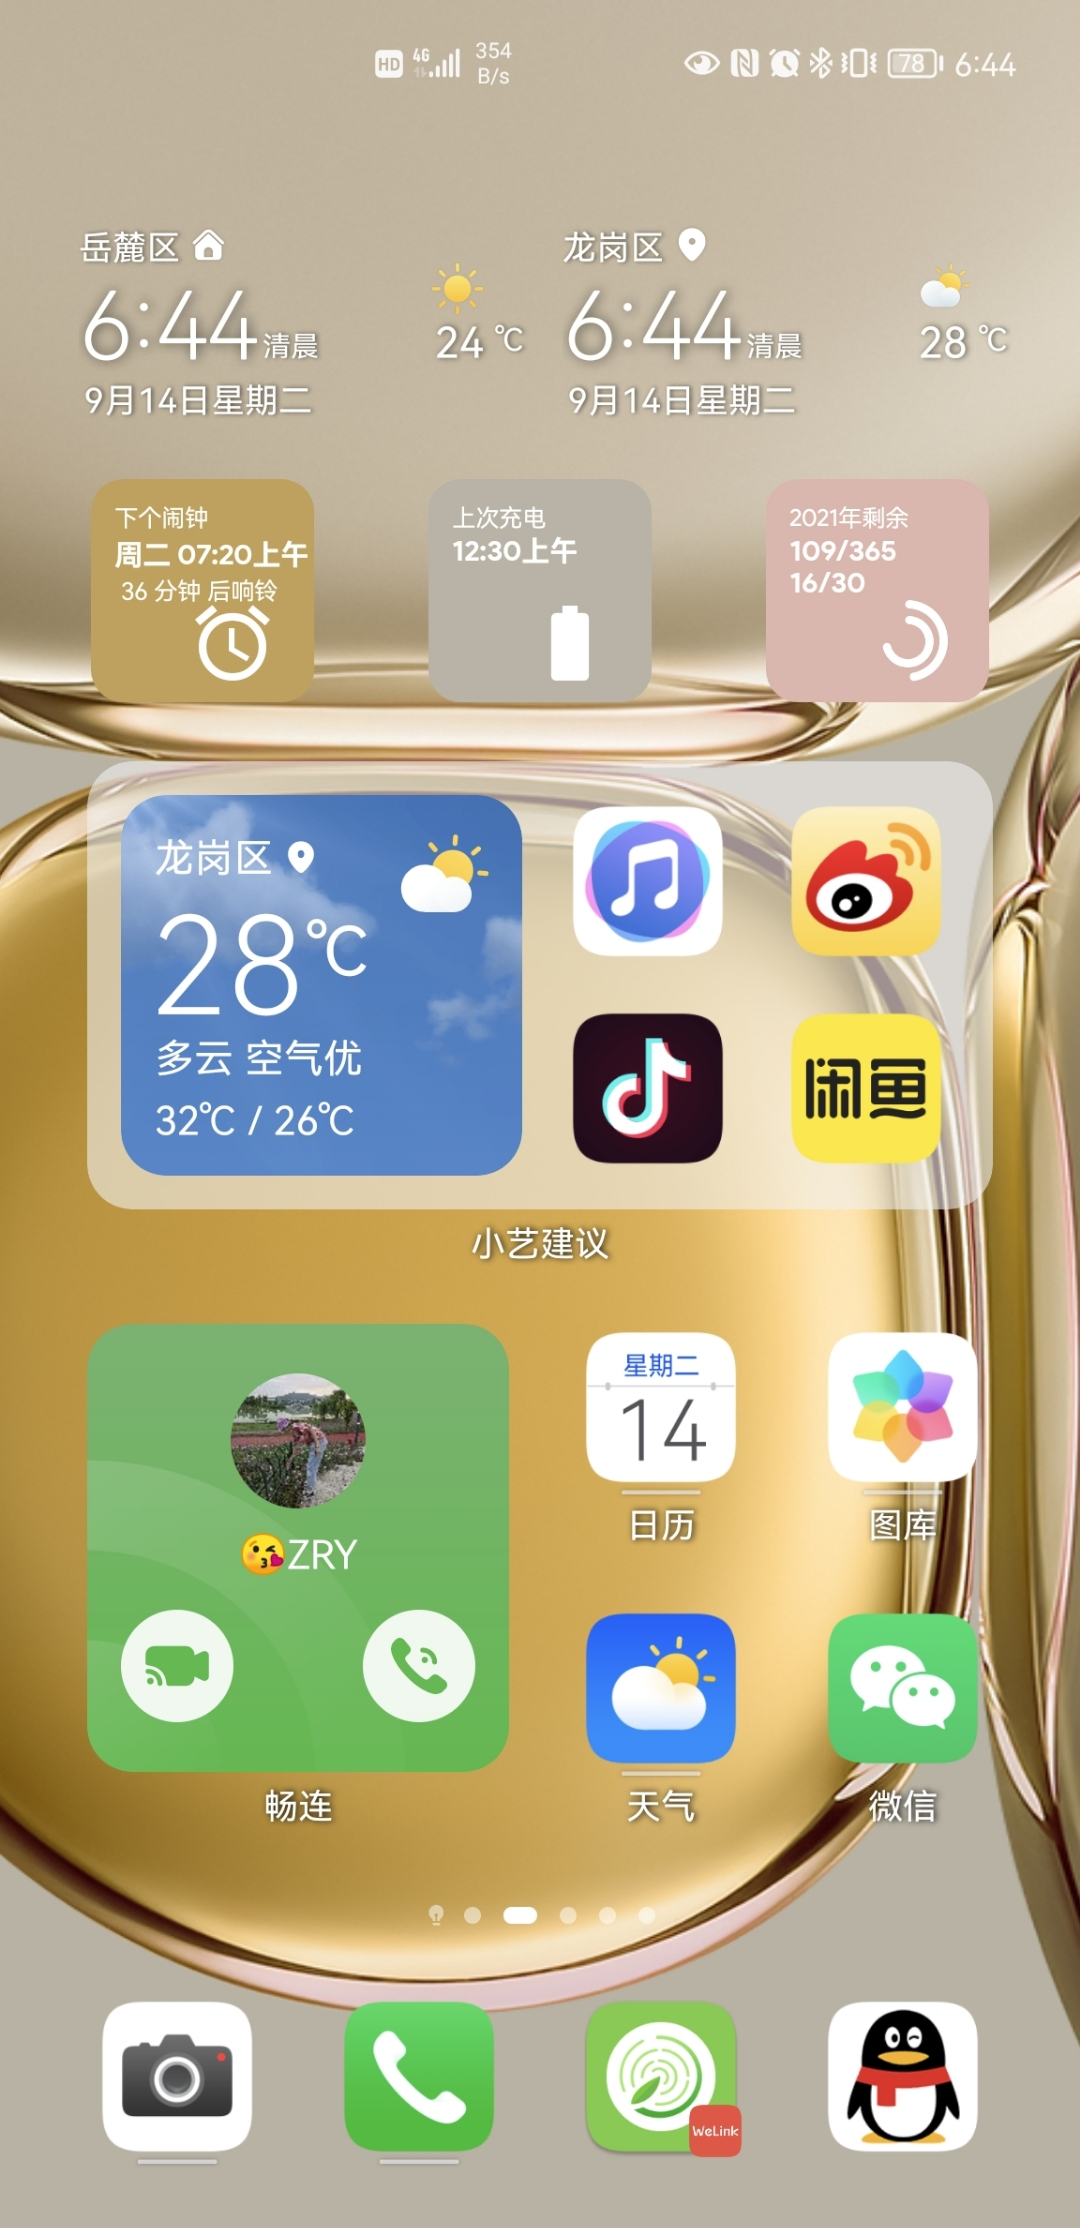 Screenshot_20210914_064443_com.huawei.android.launcher.jpg